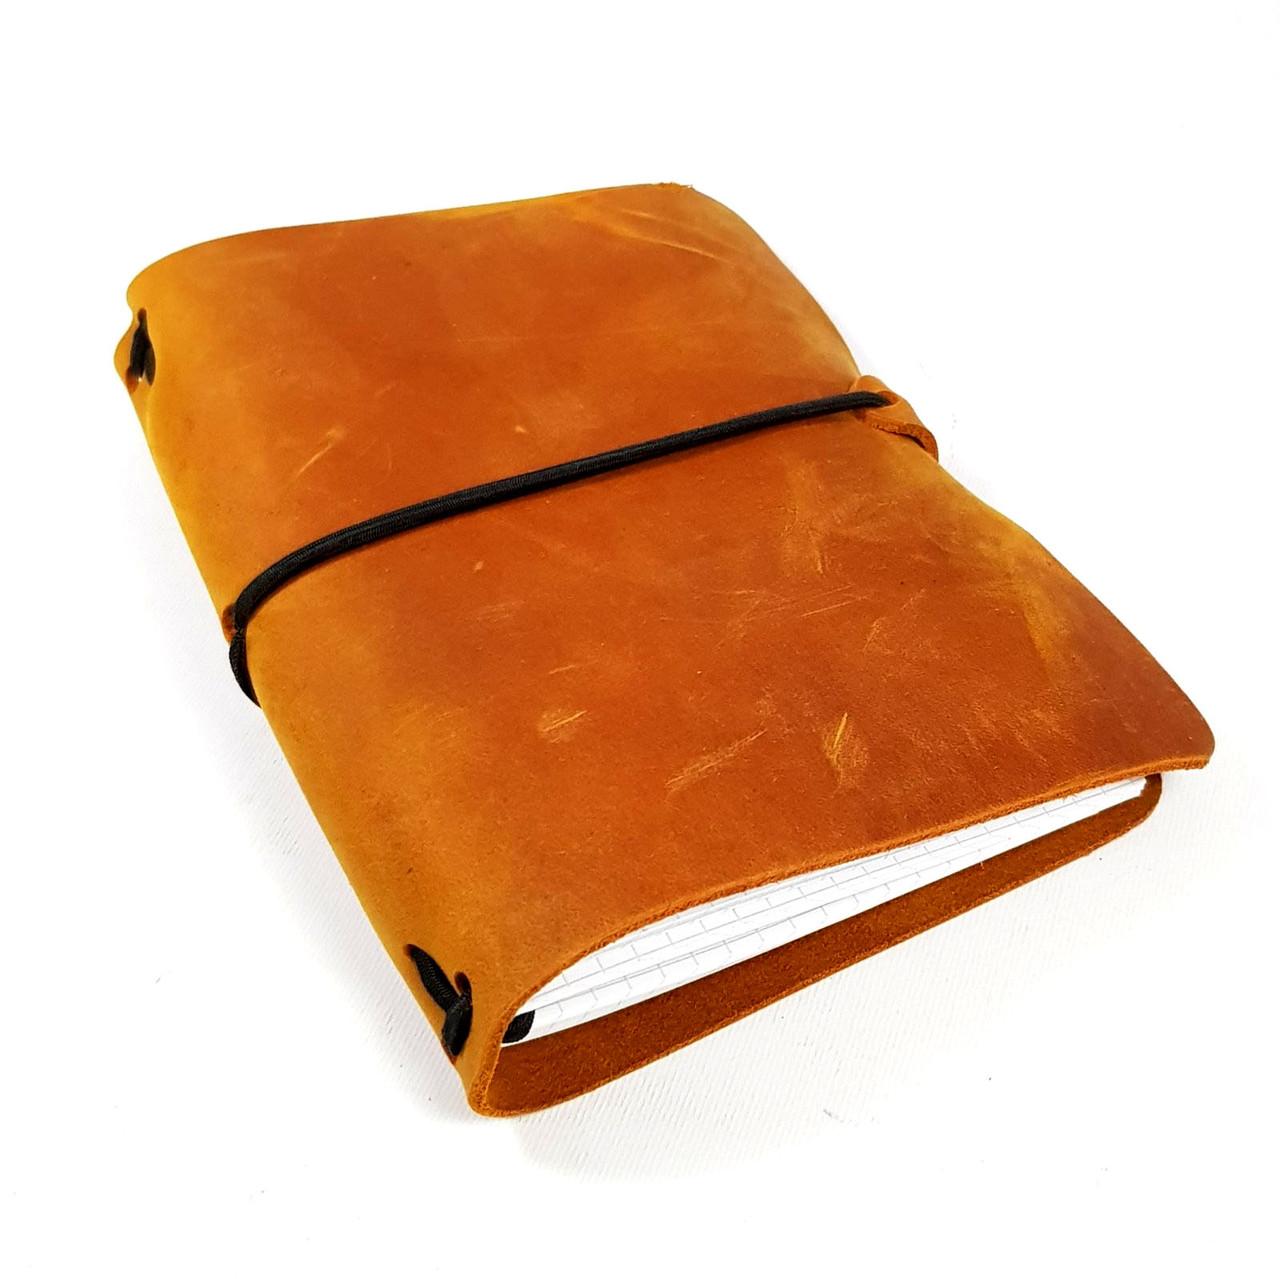 Блокнот camal кемел коричневый  мидори Midori      А6 кожаный   натуральная кожа  мягкая кожа